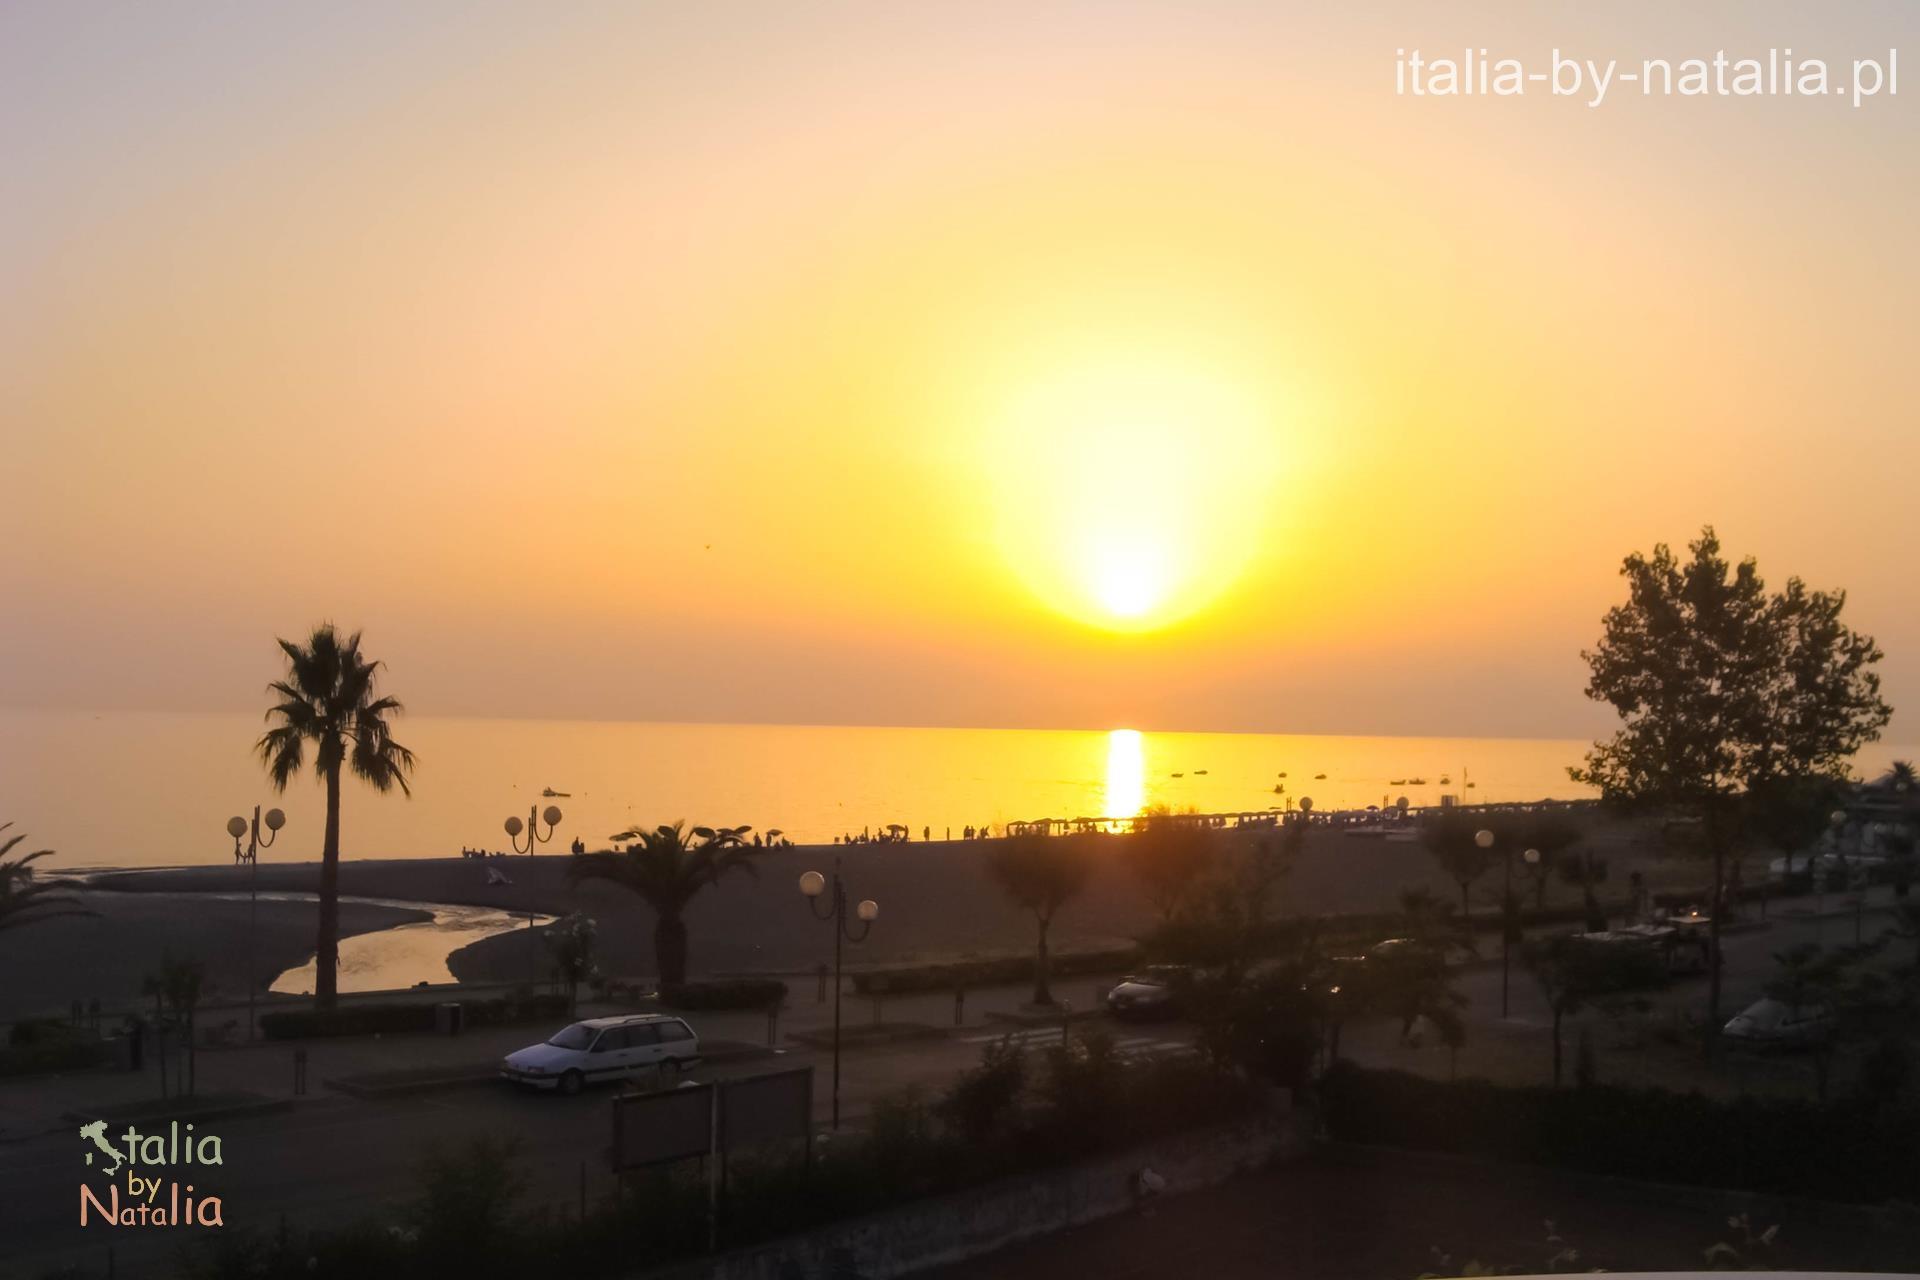 Praia a Mare Kalabria Włochy Calabria Italy Hotel Garden